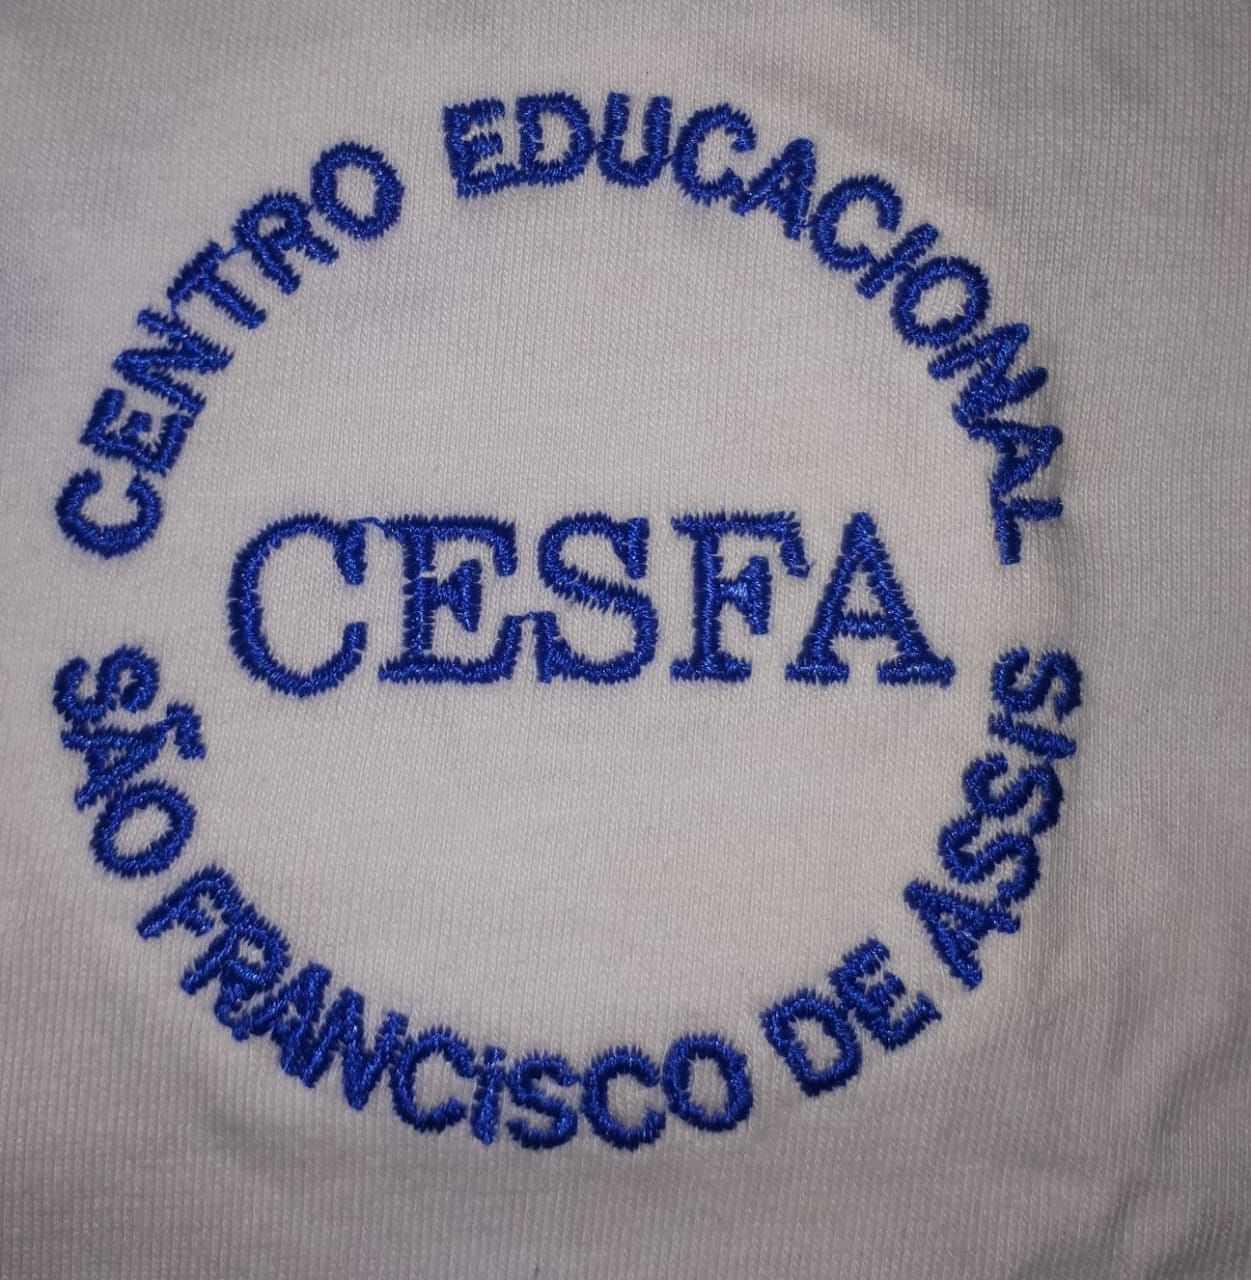 CESFA Centro Educacional São Francisco De Assis